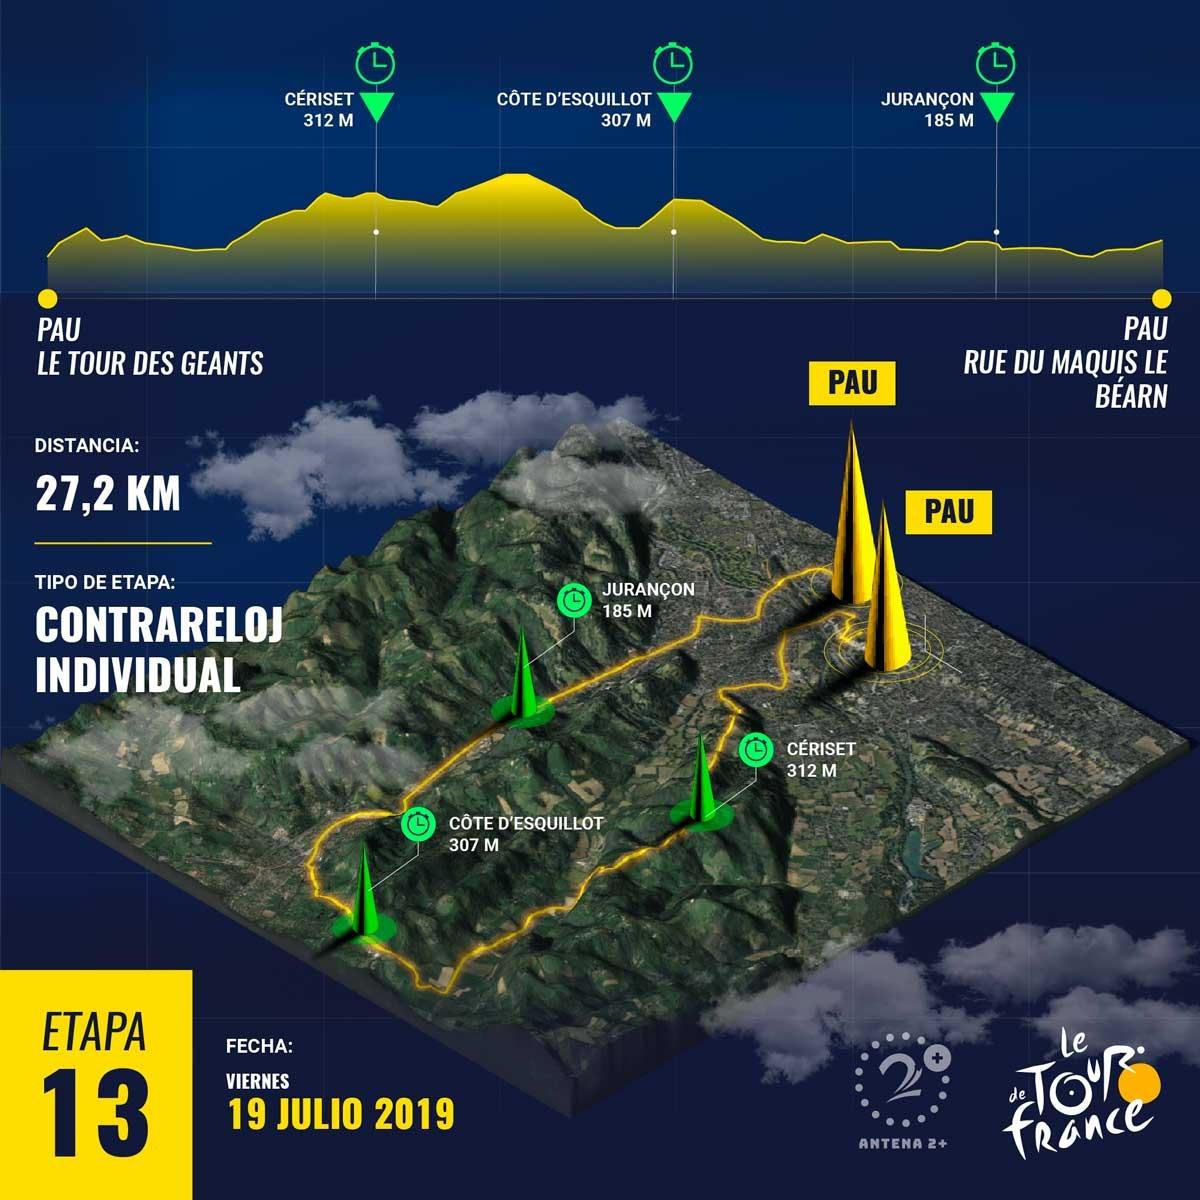 Etapa 13, Tour de Francia 2019